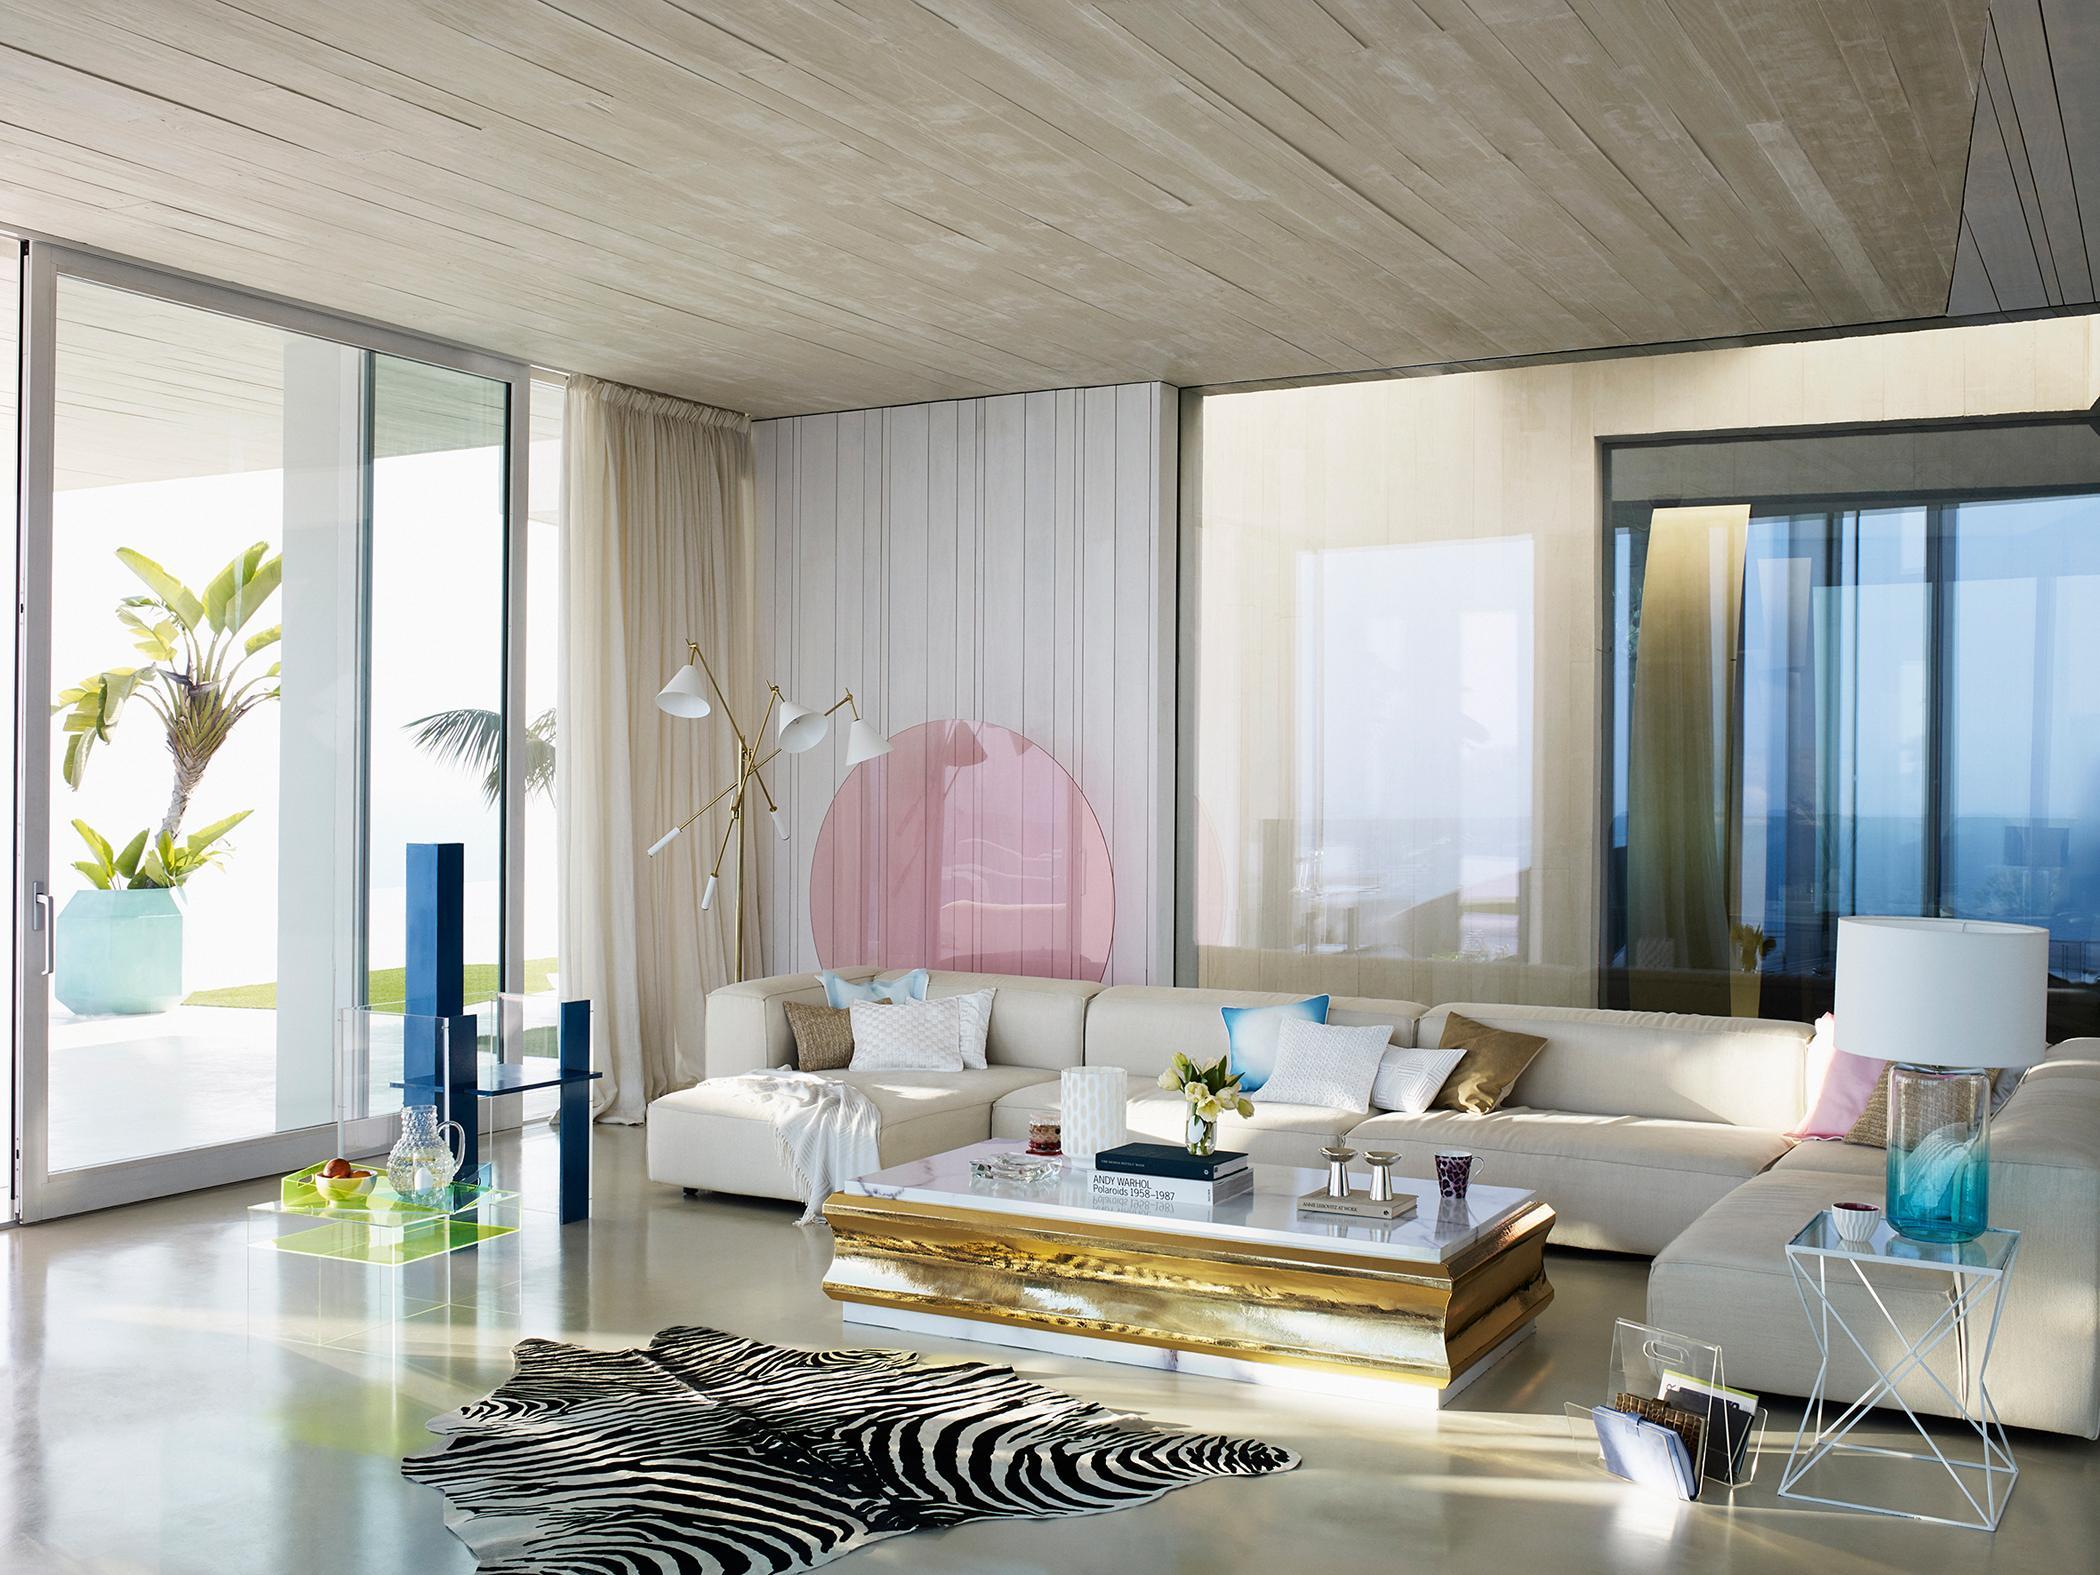 Verschiedene Wohnzimmergestaltung Ideen Das Beste Von Teppich In Zebrafelloptik Als Hingucker #couchtisch #teppich